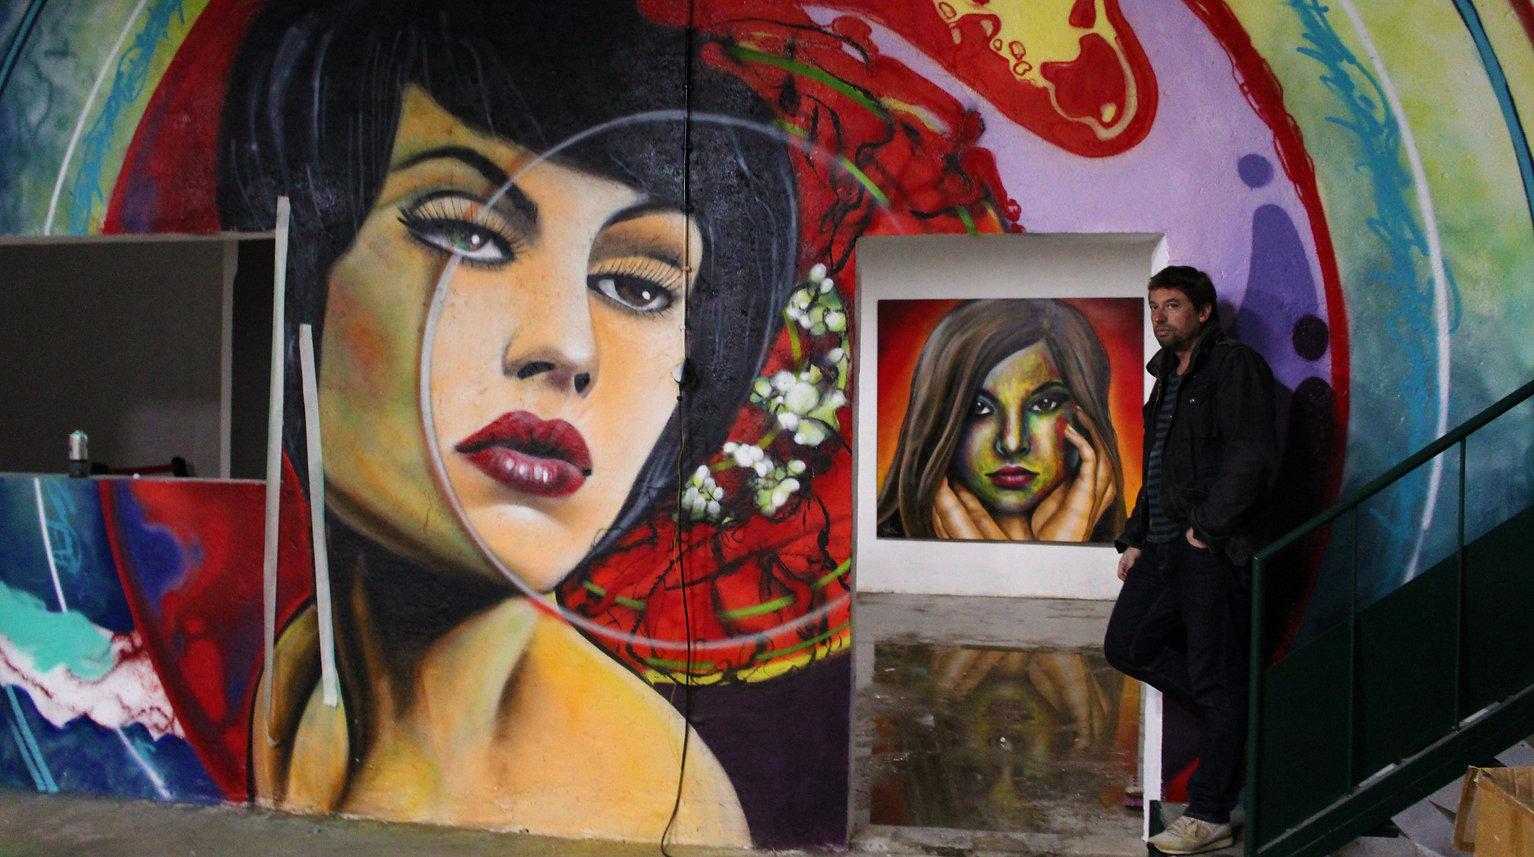 Nomen, Noman, big graffiti canvas for sale, graffiti artist Lisbon, double trouble crew, double trouble studio, graffiti artist for hire, grafiti ehxibitions, street art ehxibitions, Nomen biography, graffiti lisbon, street art lisbon